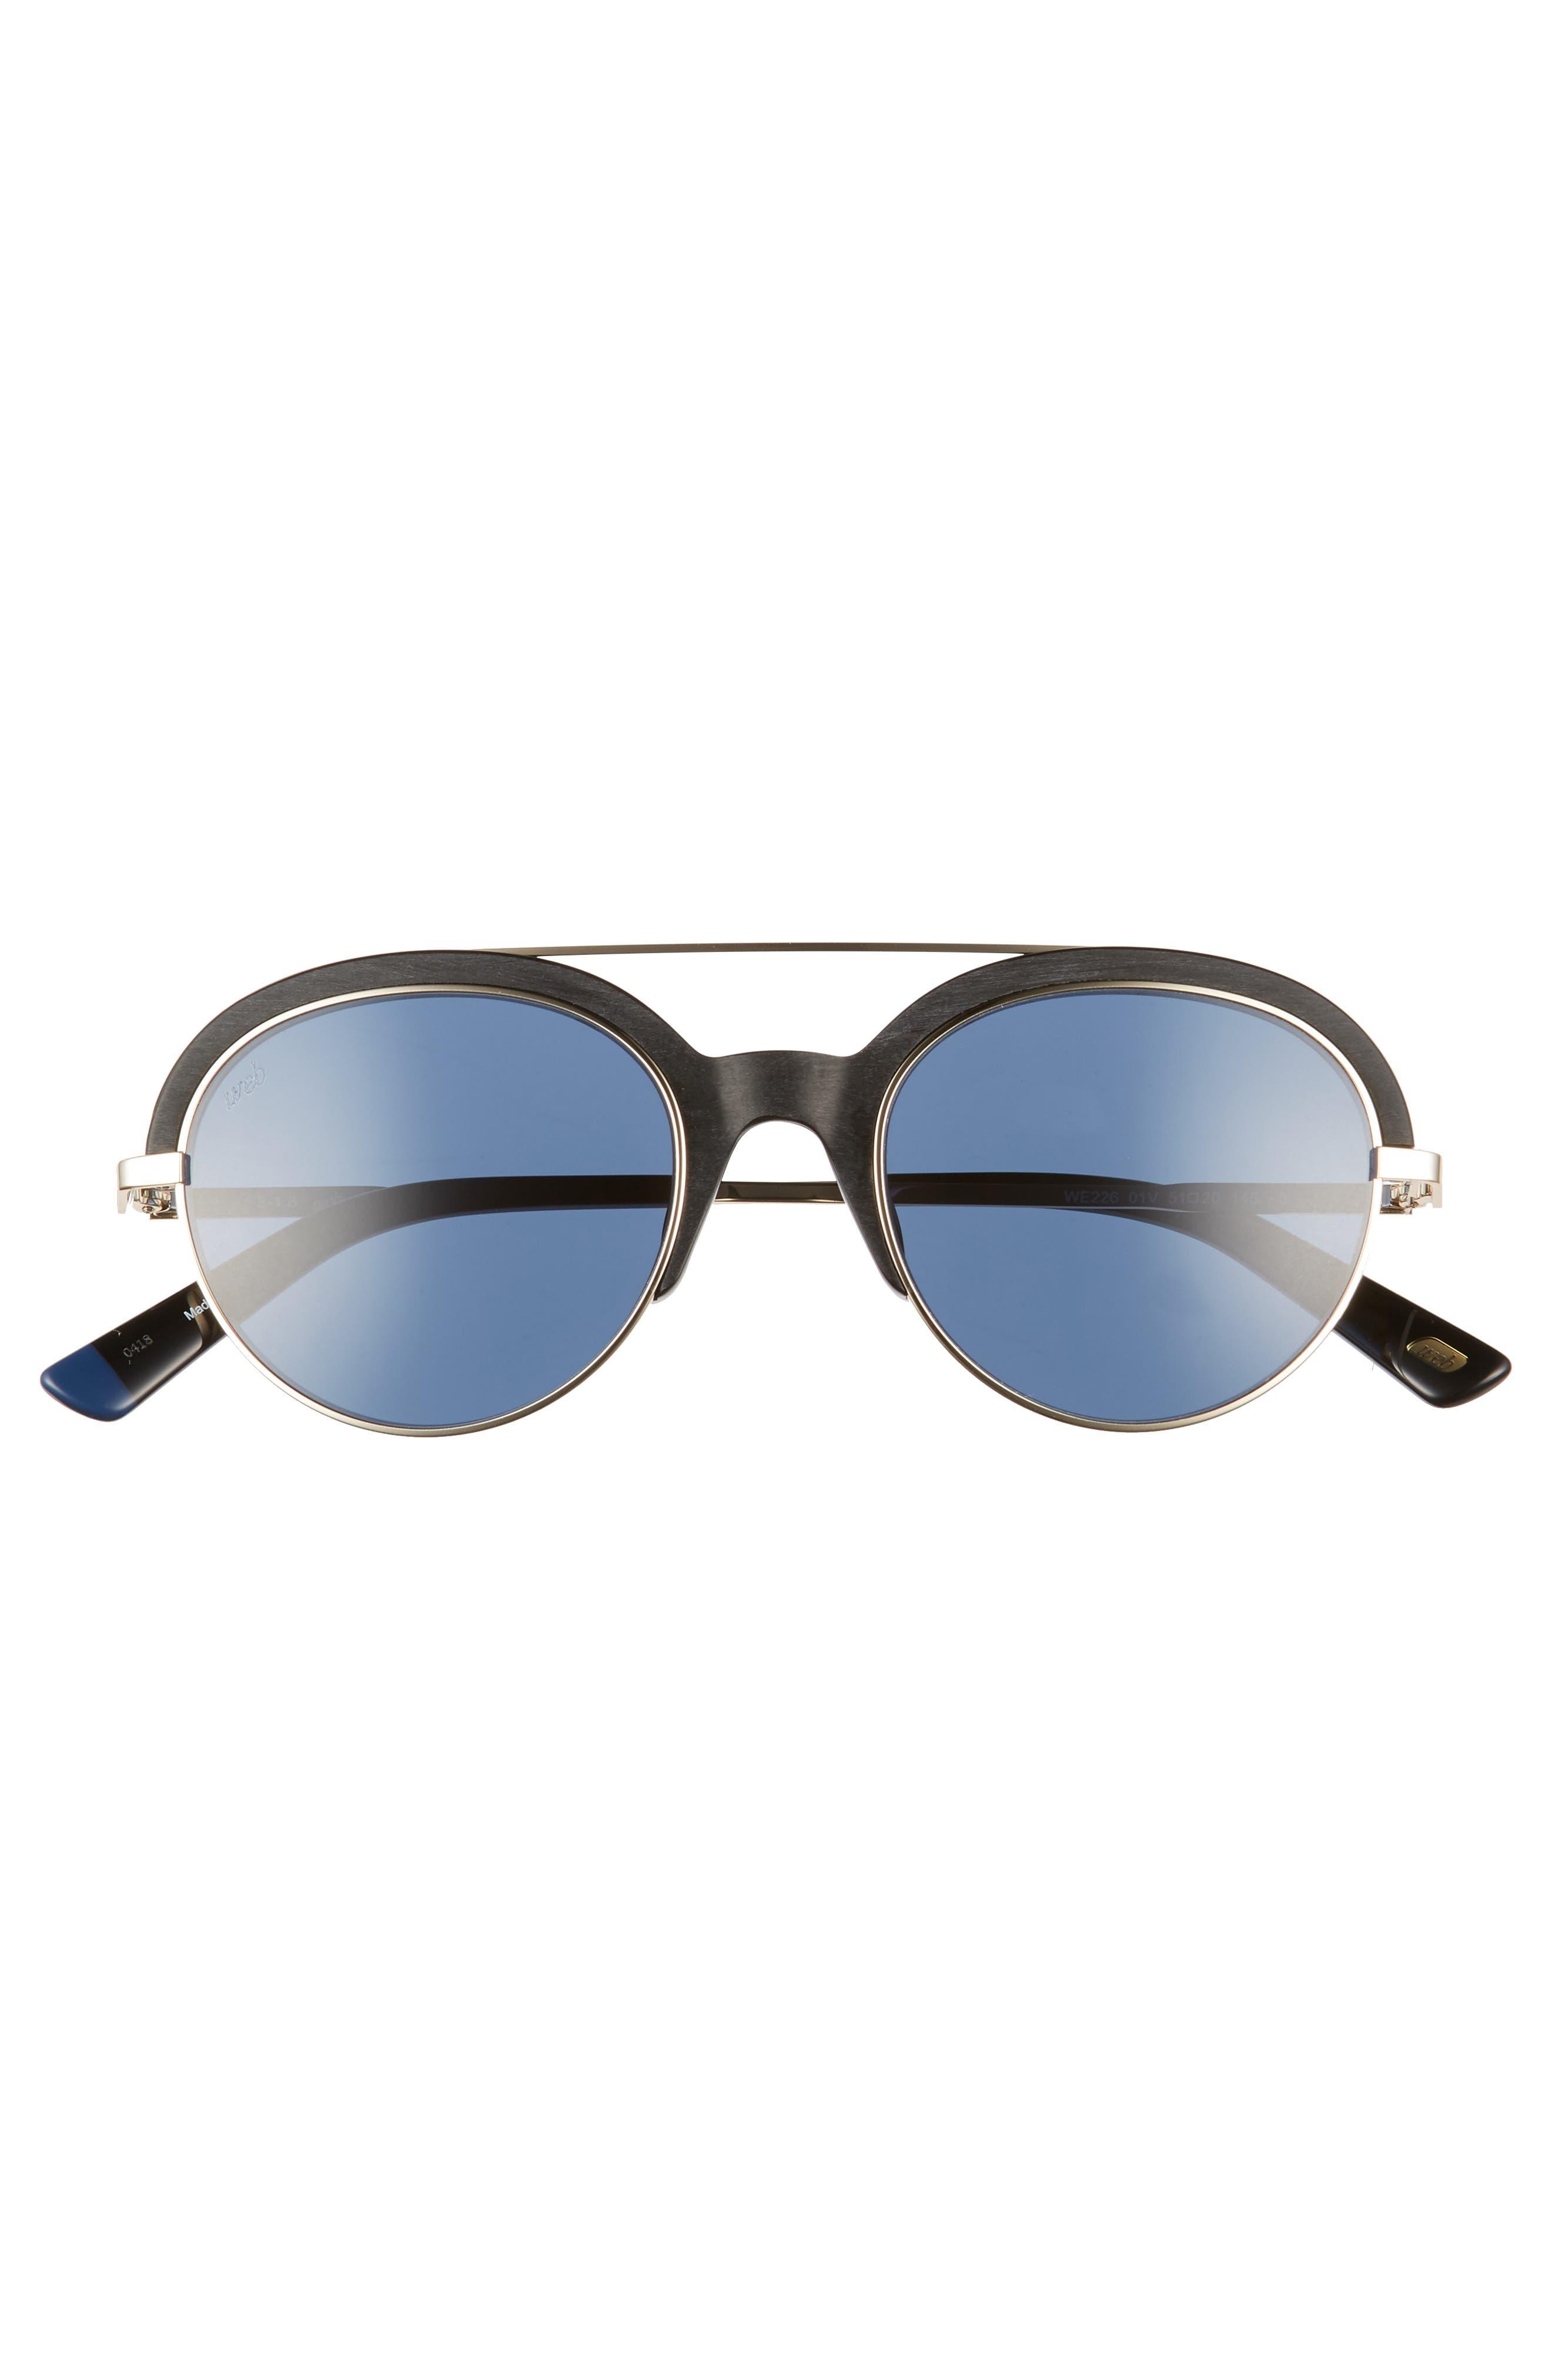 WEB,                             51mm Aviator Sunglasses,                             Alternate thumbnail 3, color,                             SHINY BLACK/ BLUE